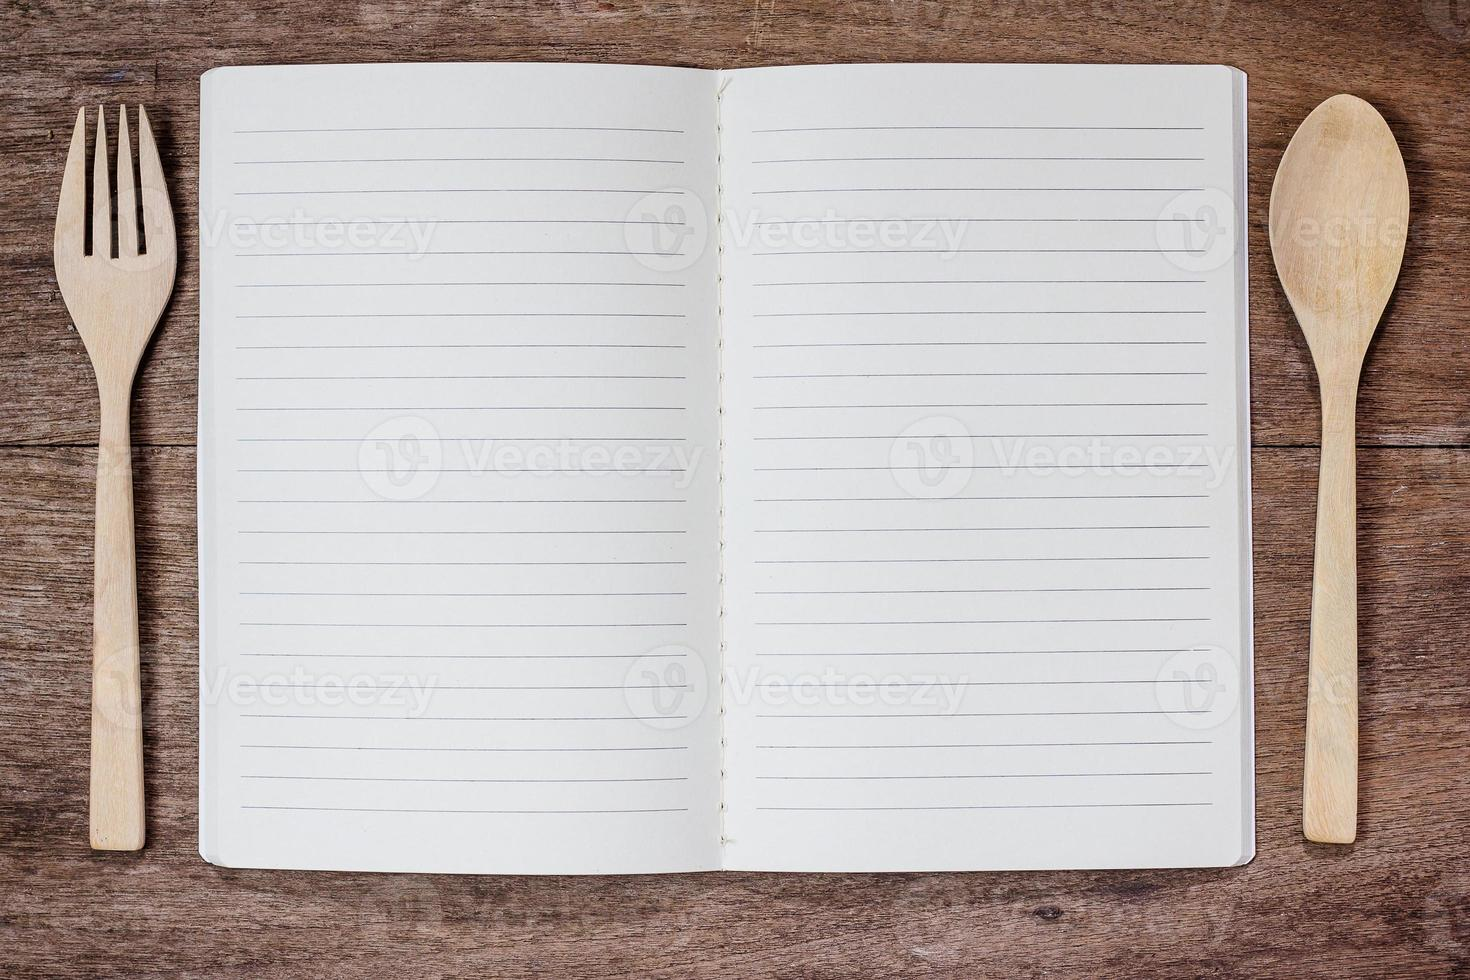 livro de receitas e colher, garfo na madeira foto